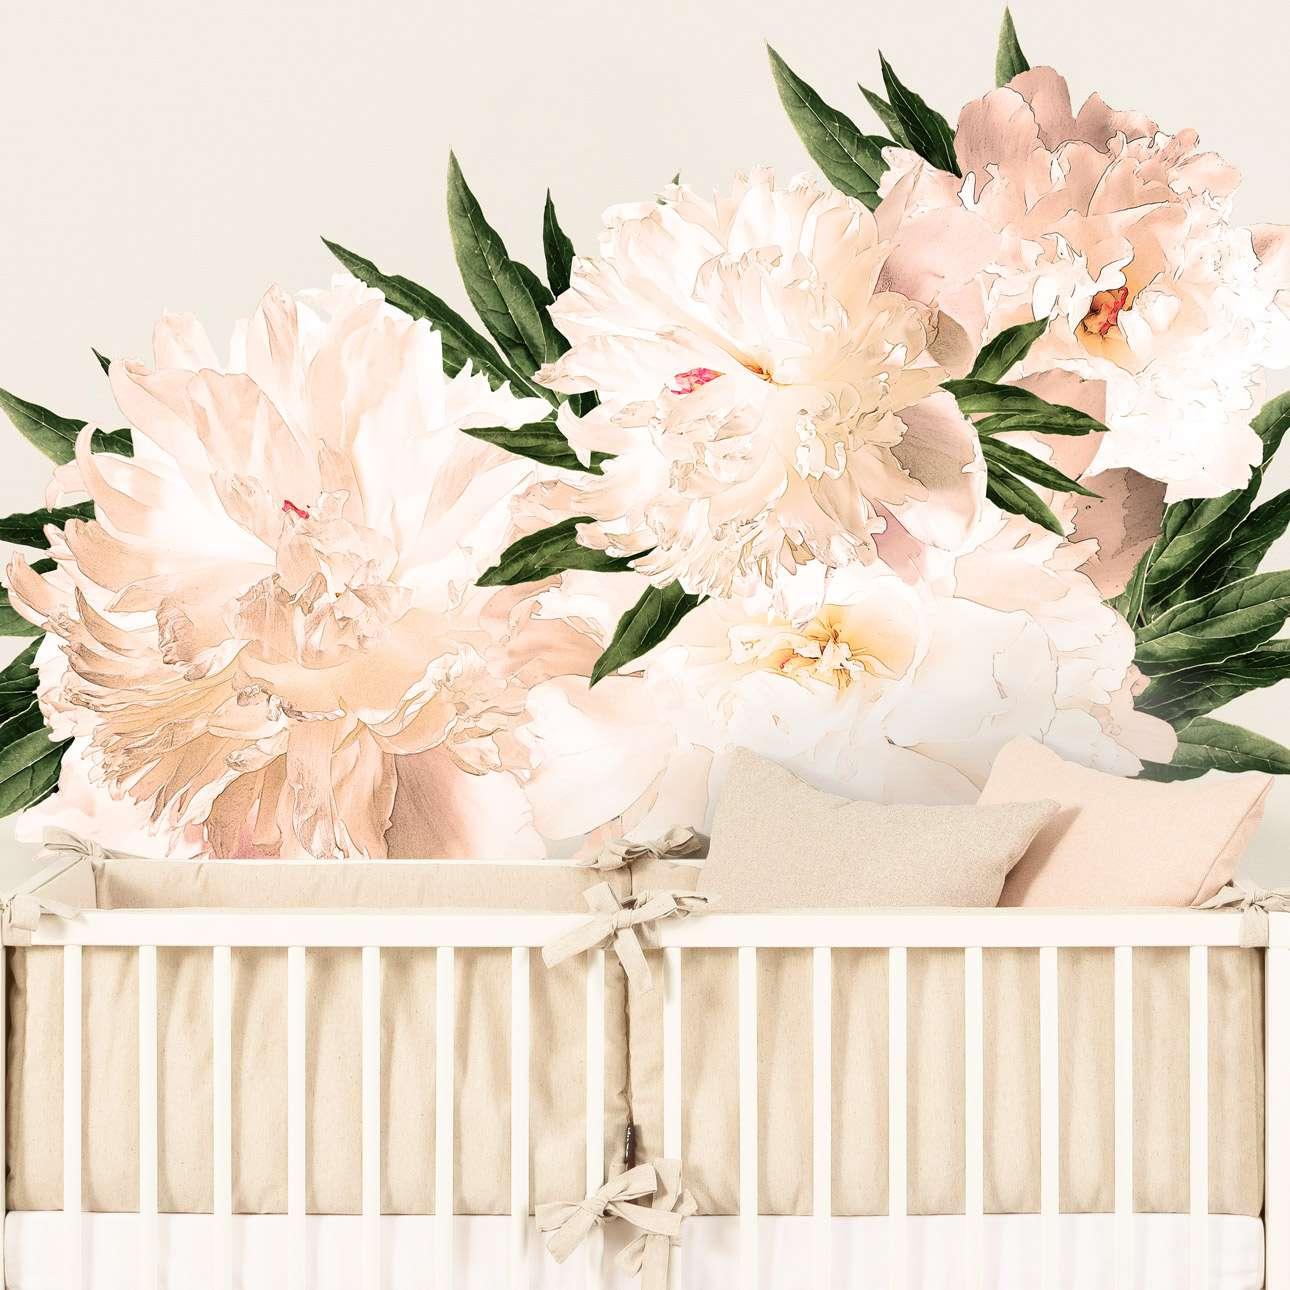 Peony flowers lipdukas